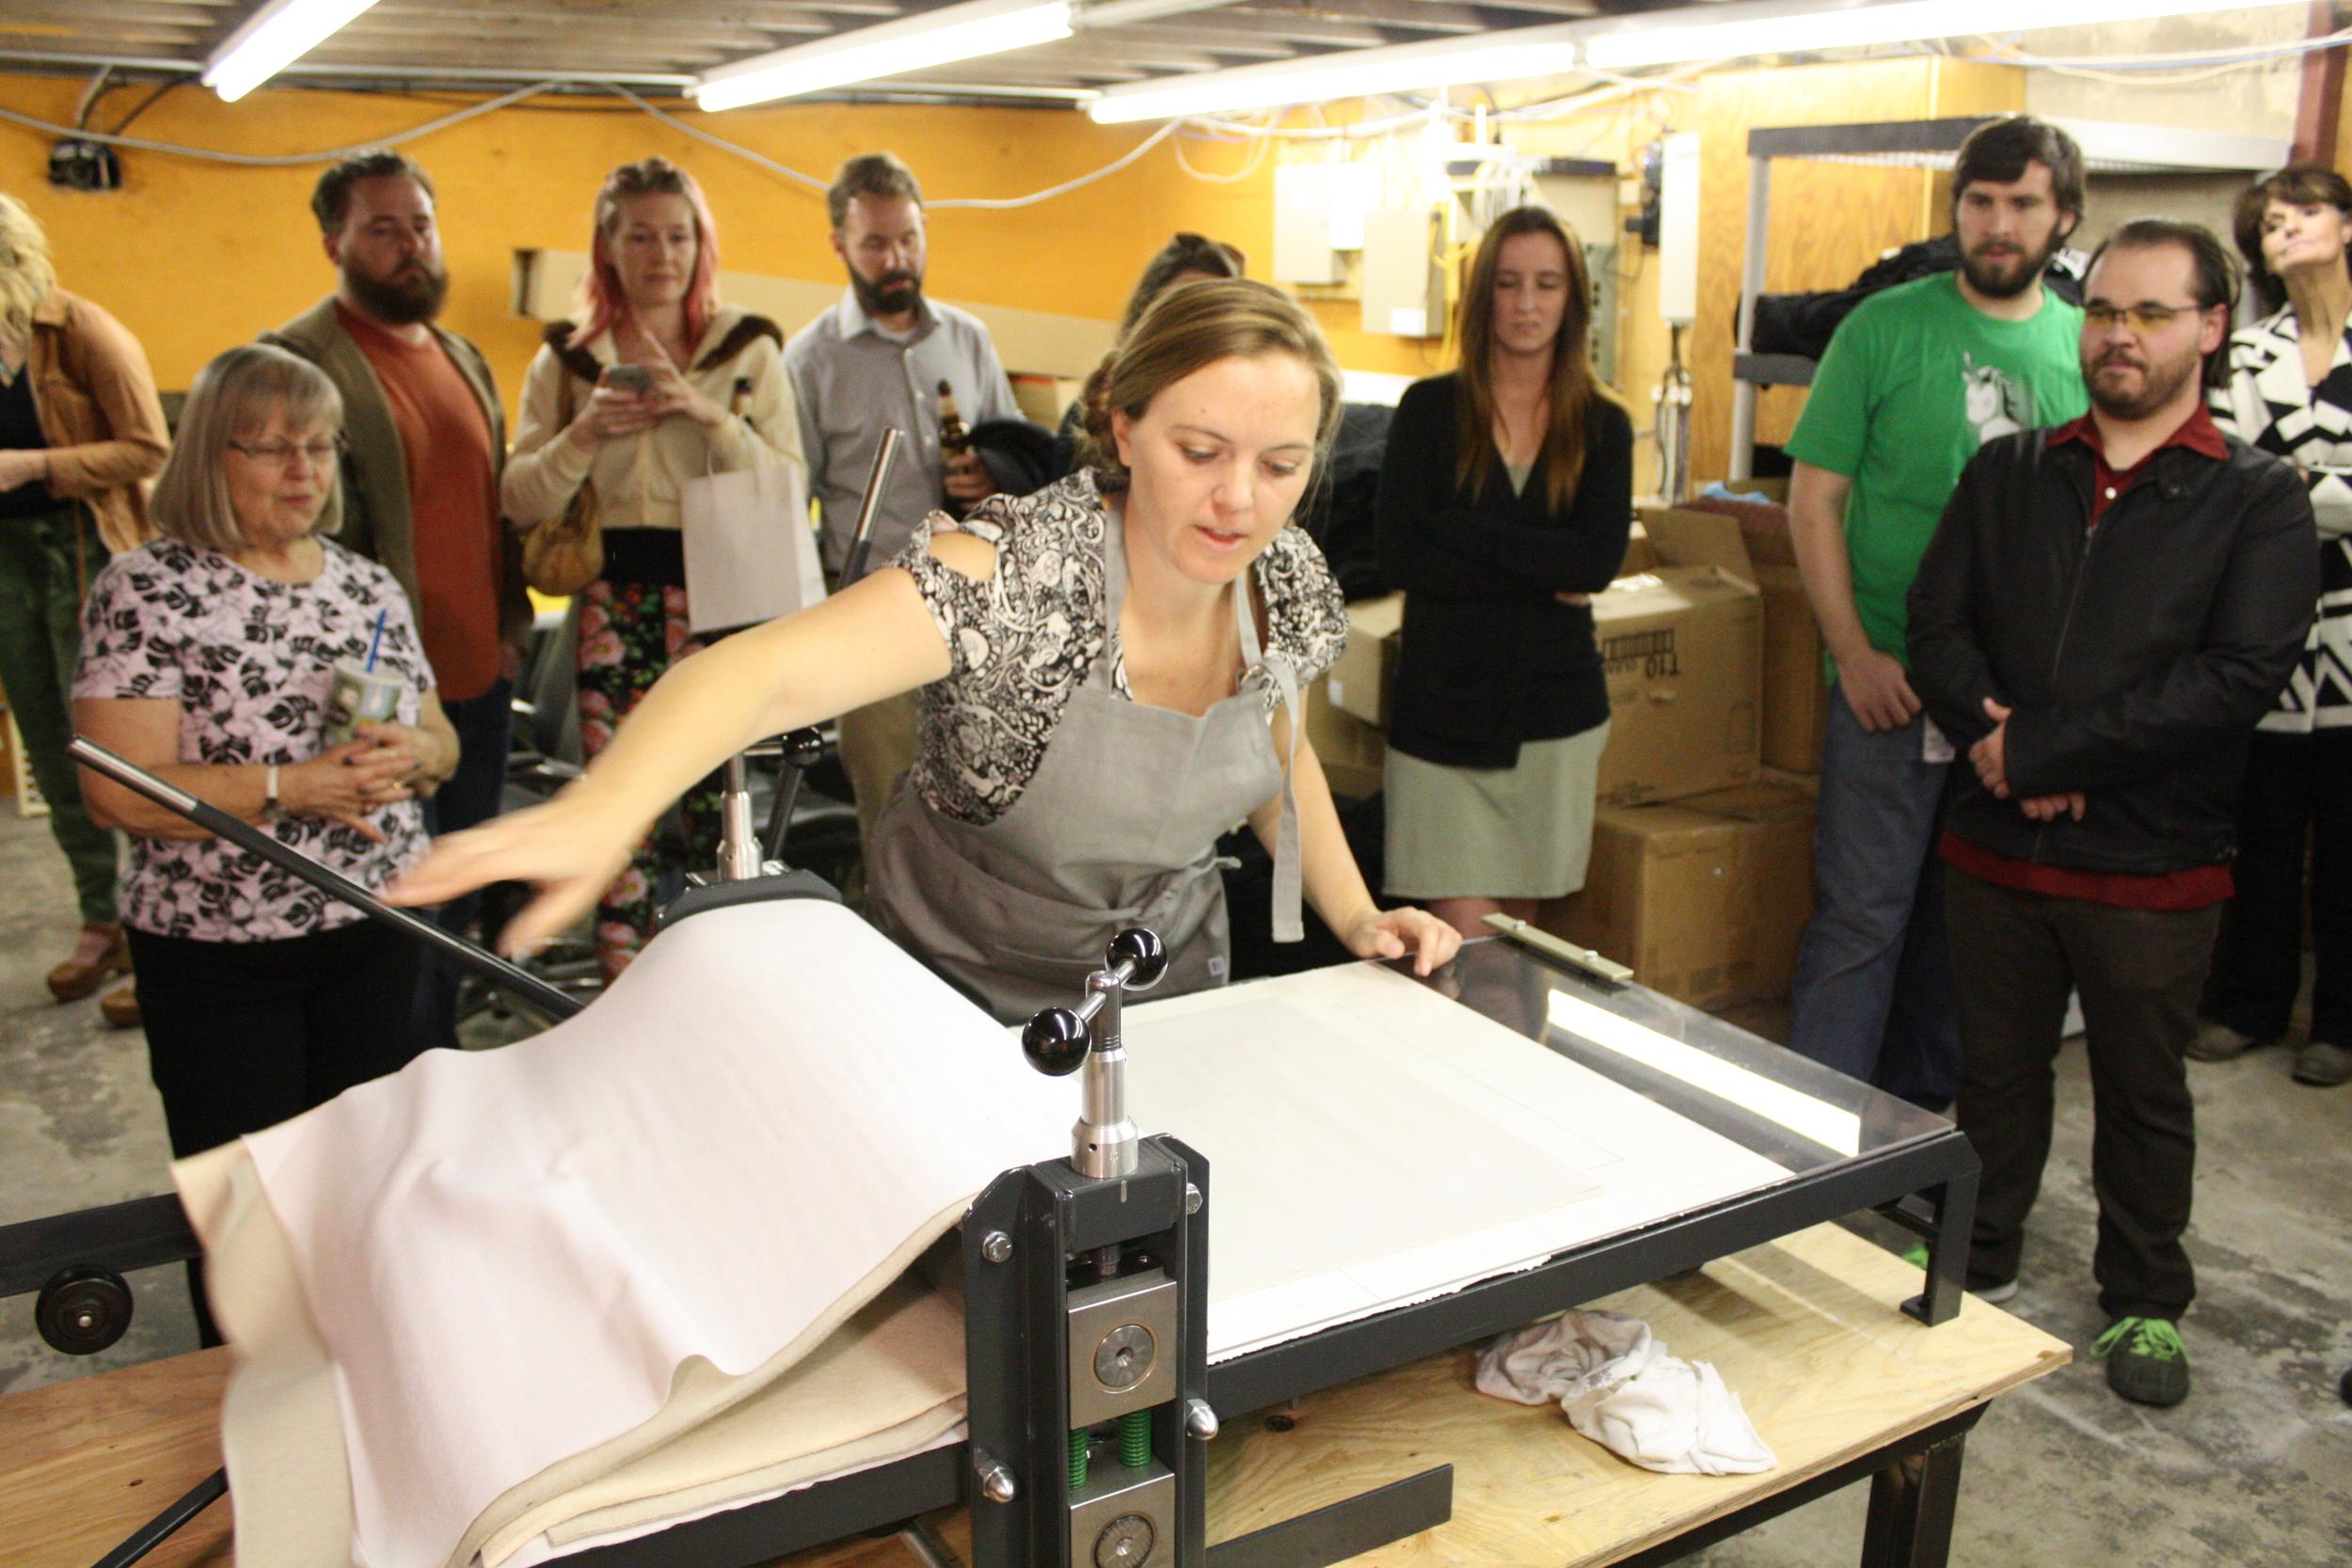 Desarae Lee teaching a printmaking workshop in her studio